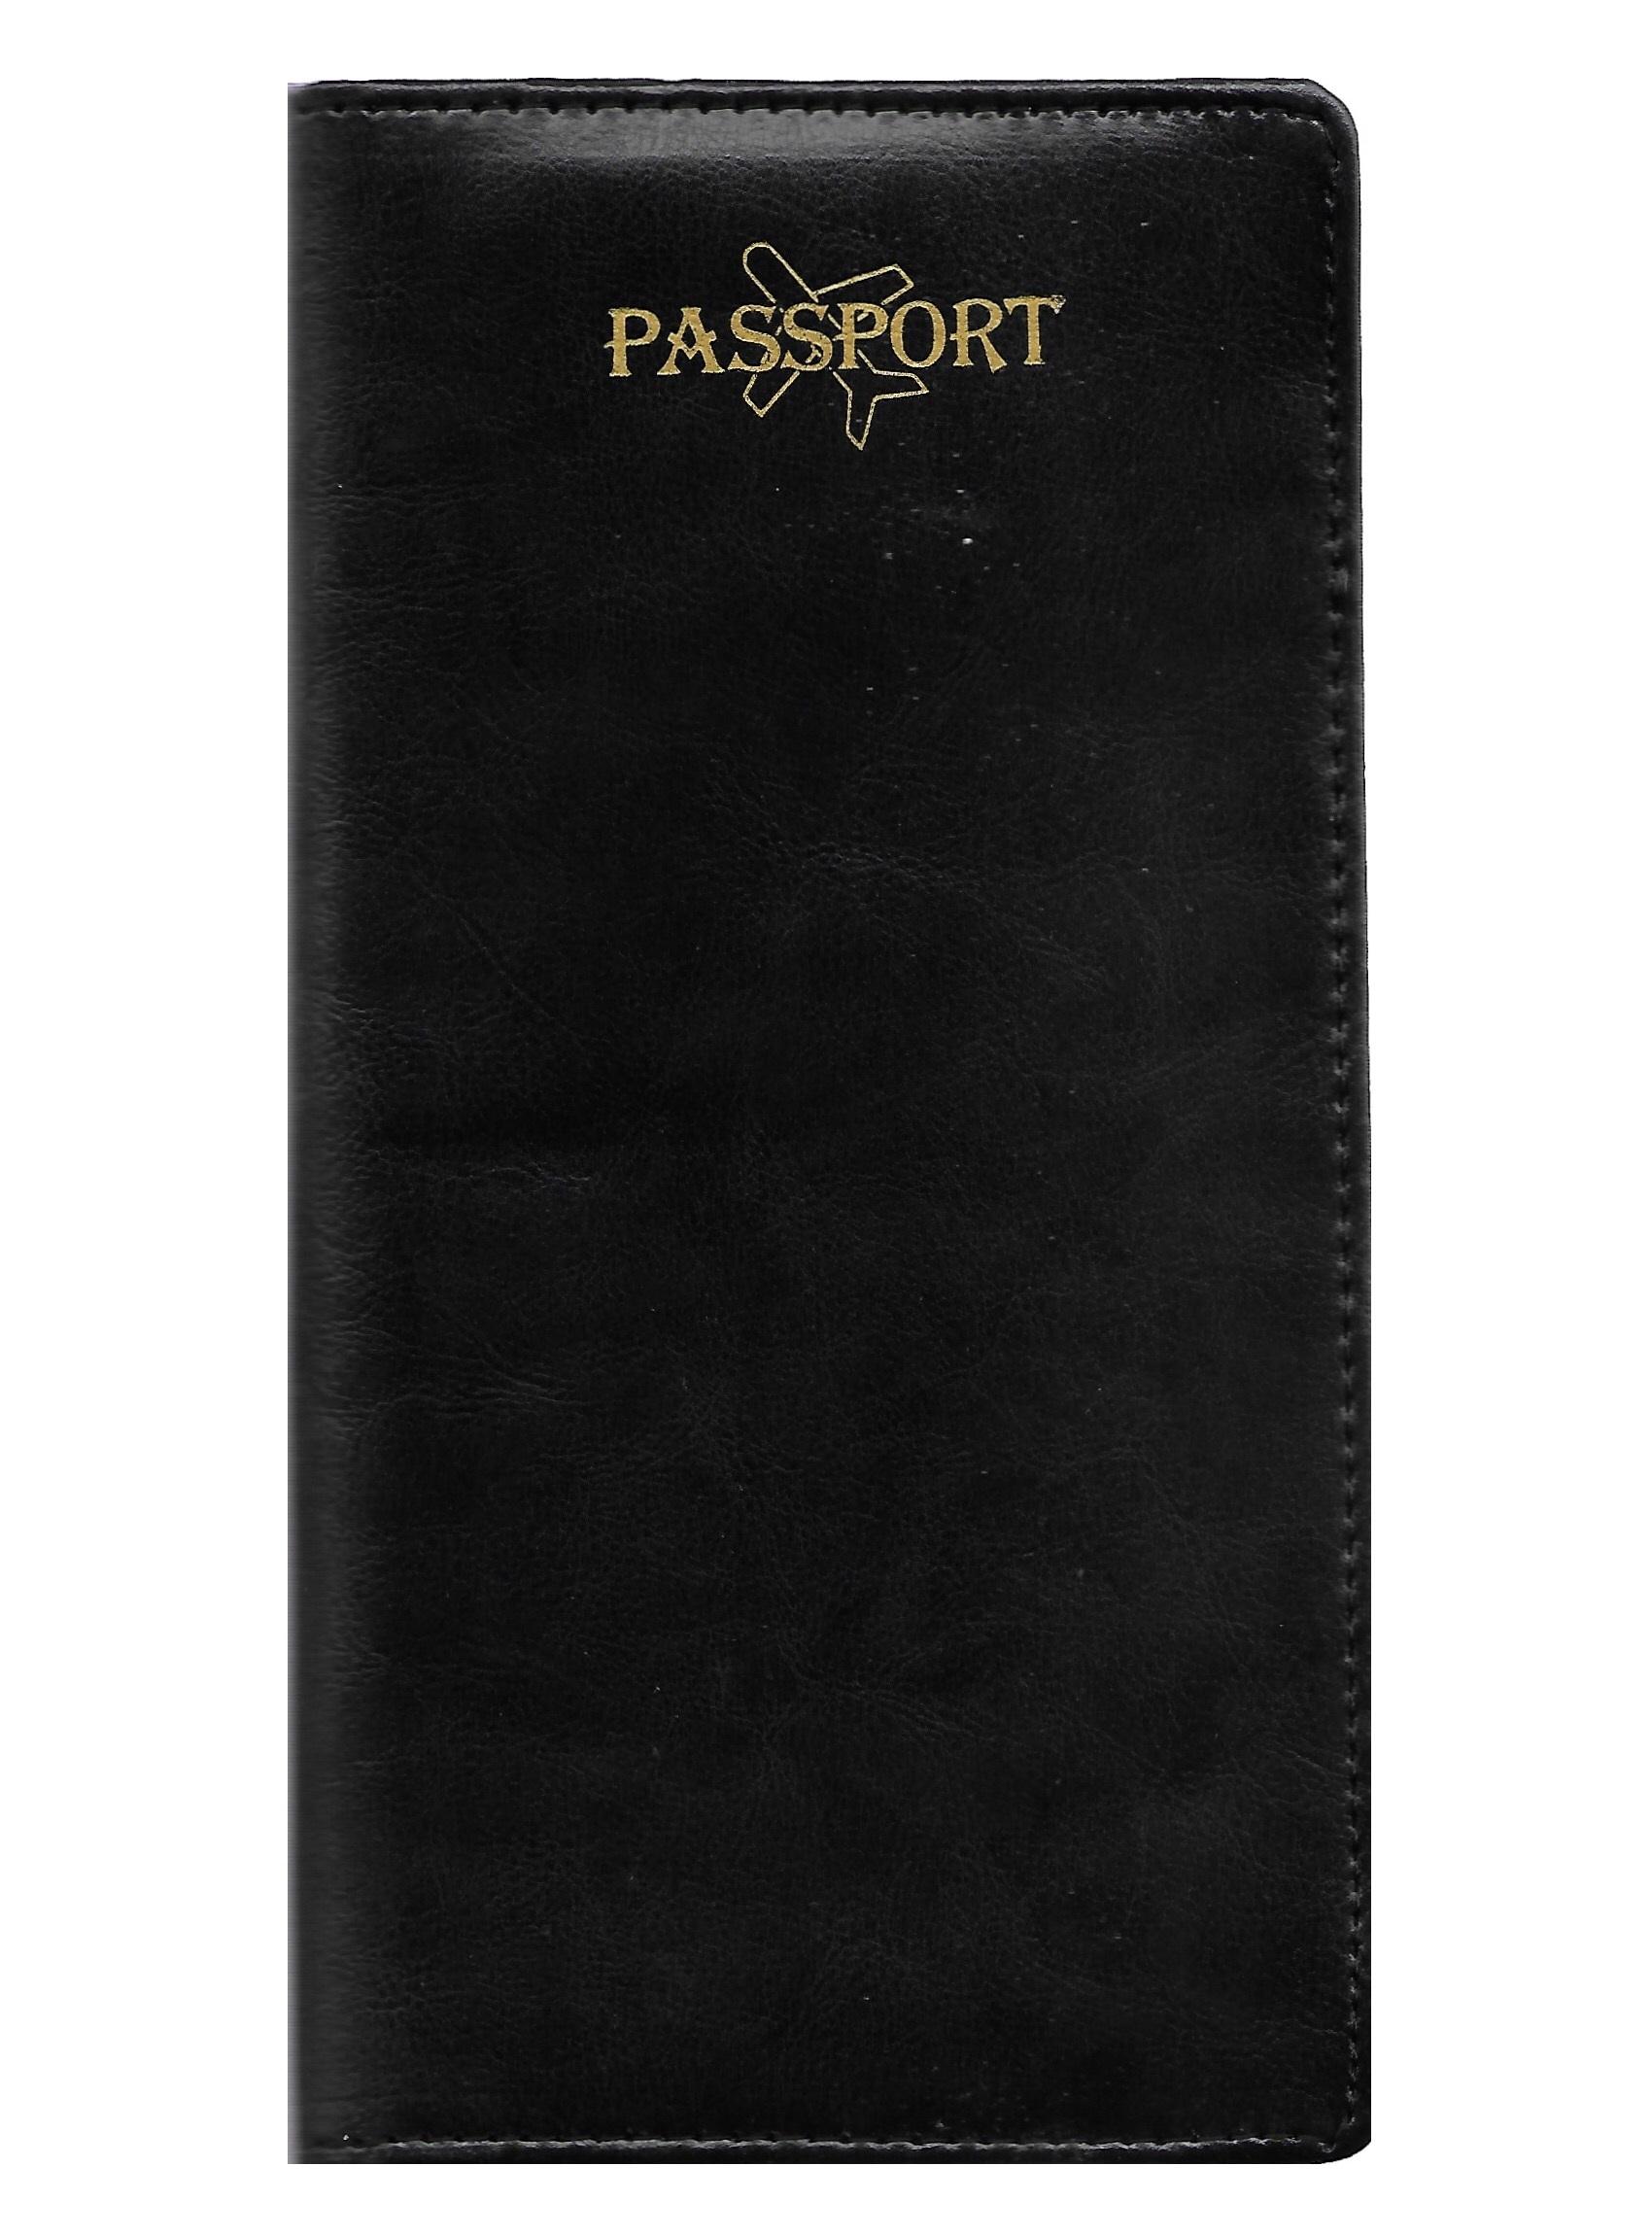 Passport, Visa & Air Ticket Holder